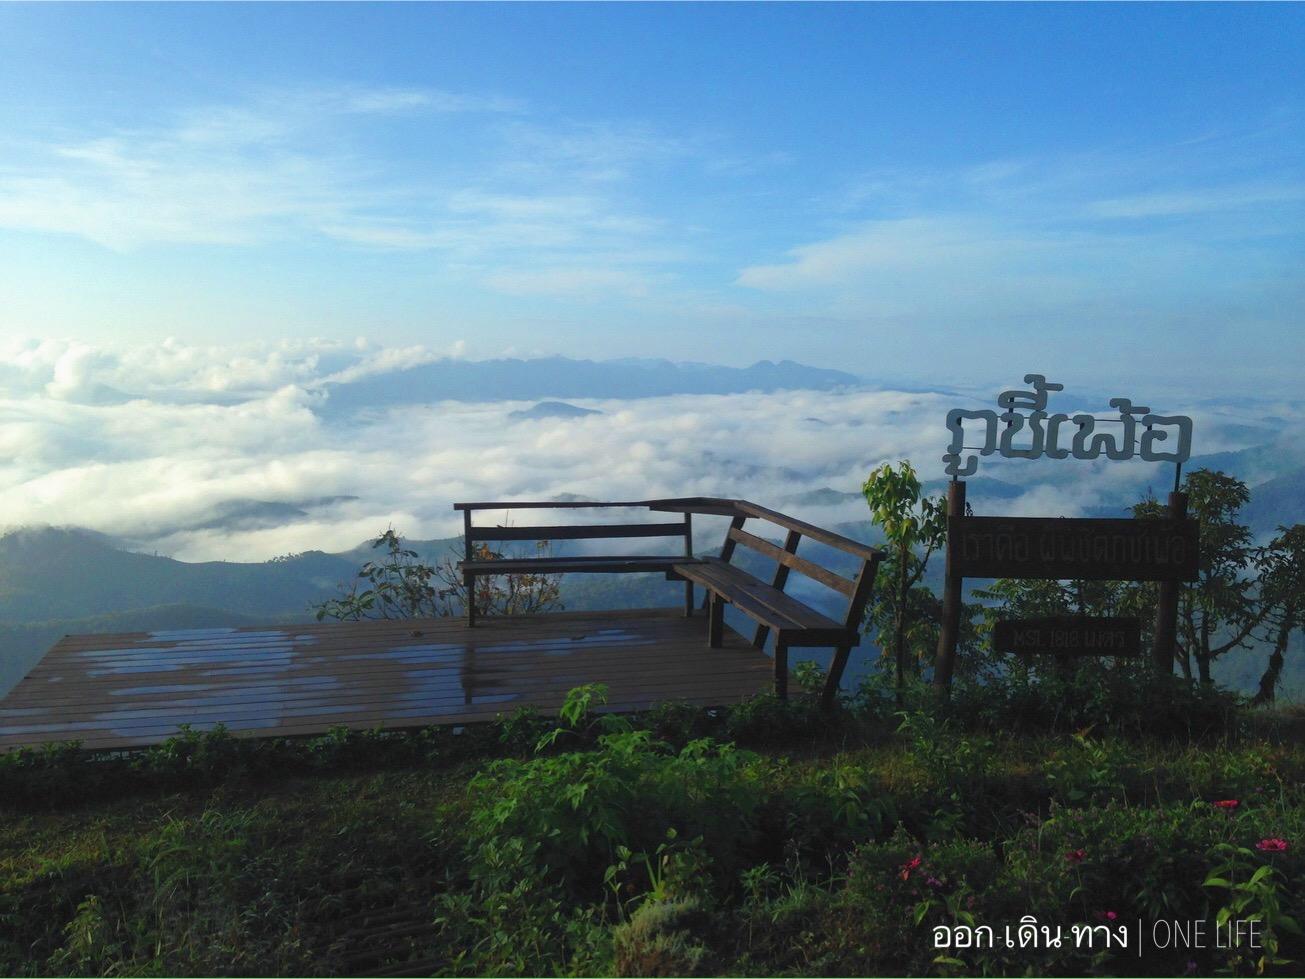 ภูชี้เพ้อ อำเภอขุนยวม จังหวัดแม่ฮ่องสอน ความสูง 1,818 เมตร เหนือระดับน้ำทะเลปานกลาง